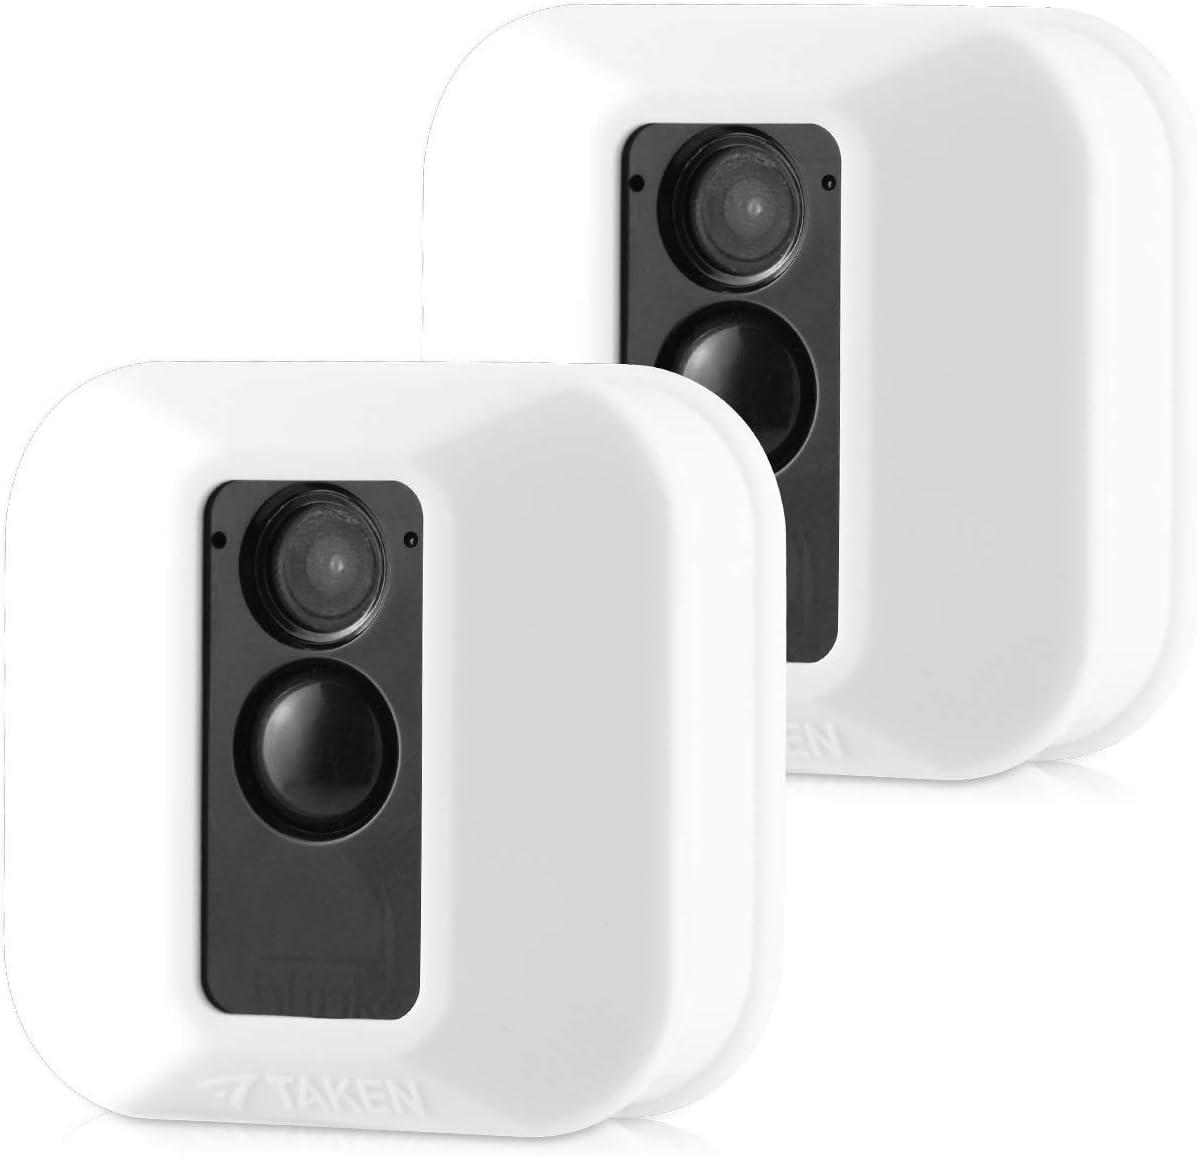 Jessy Silikon Schutzhülle Für Blink Xt Xt2 Sicherheitskamera Kratzfest Uv Und Witterungsbeständig 2 Stück Weiß Elektronik